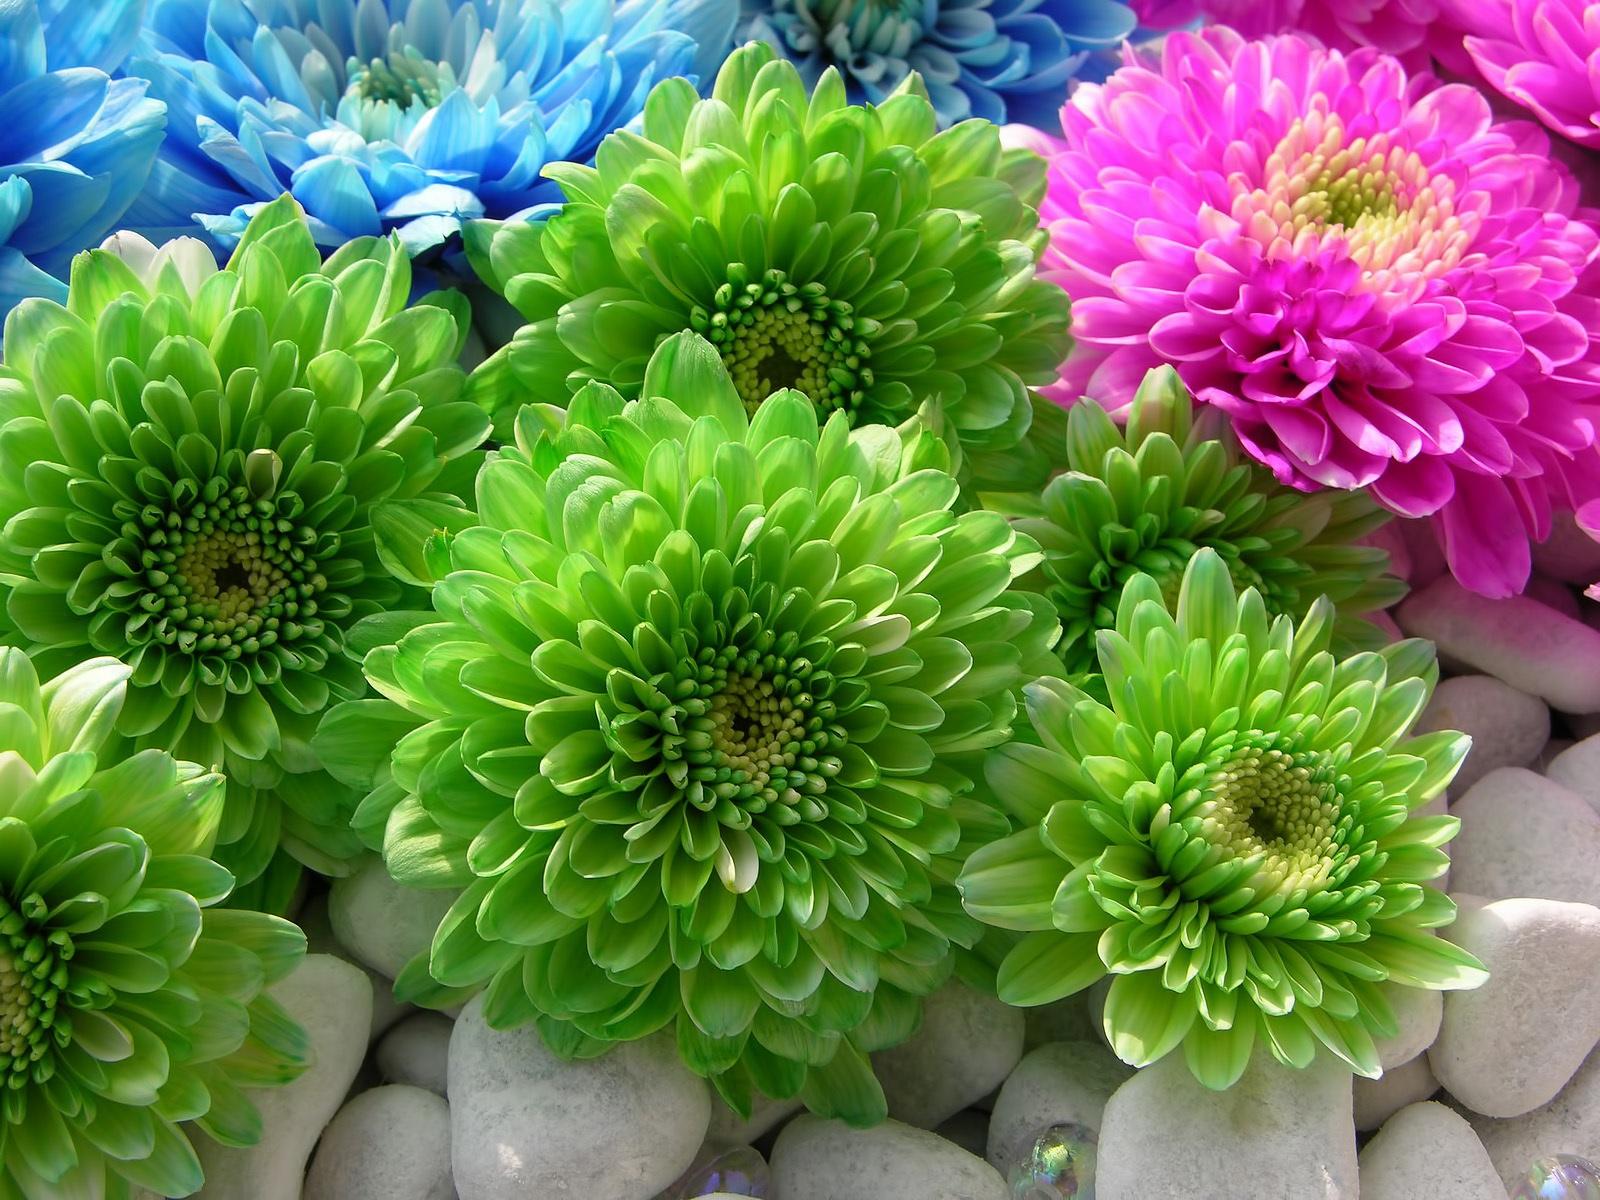 Цветы астры фото